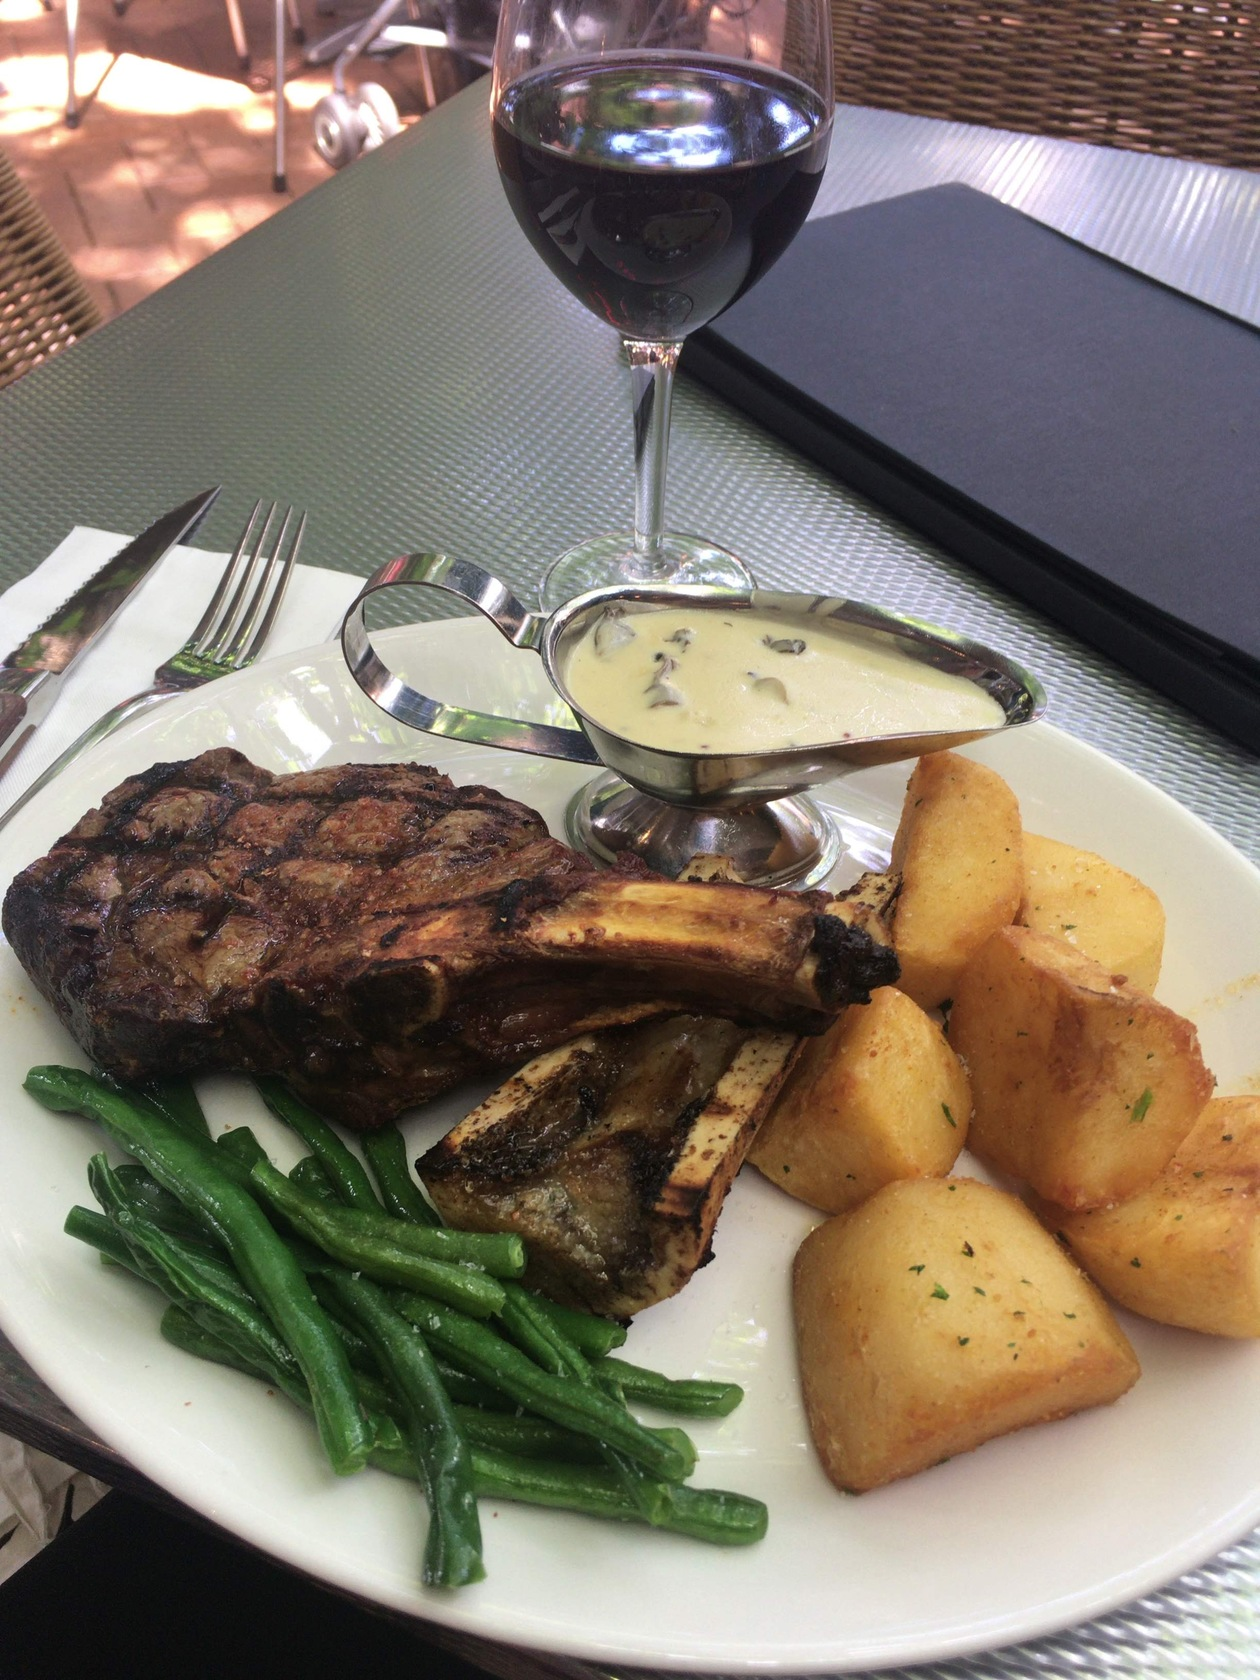 ステーキ | シドニー在住リナさんのおすすめ料理・食べ物